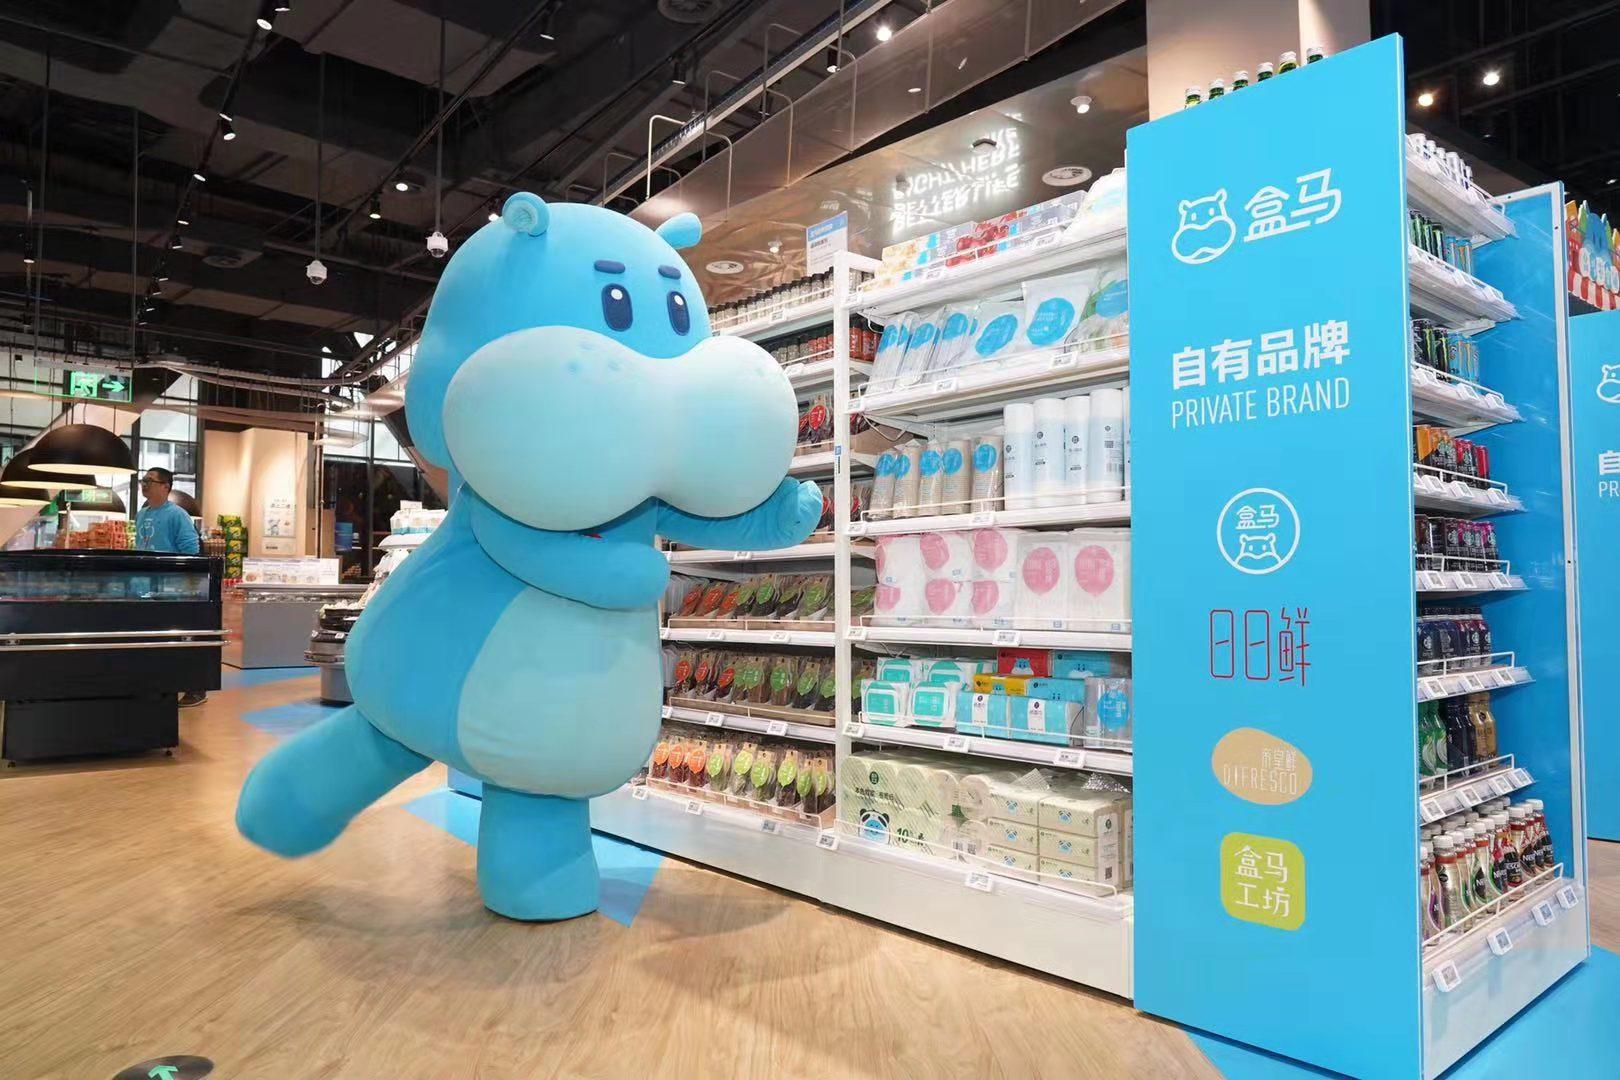 盒马:自有品牌占比超10% 要让供应商以与盒马合作自豪